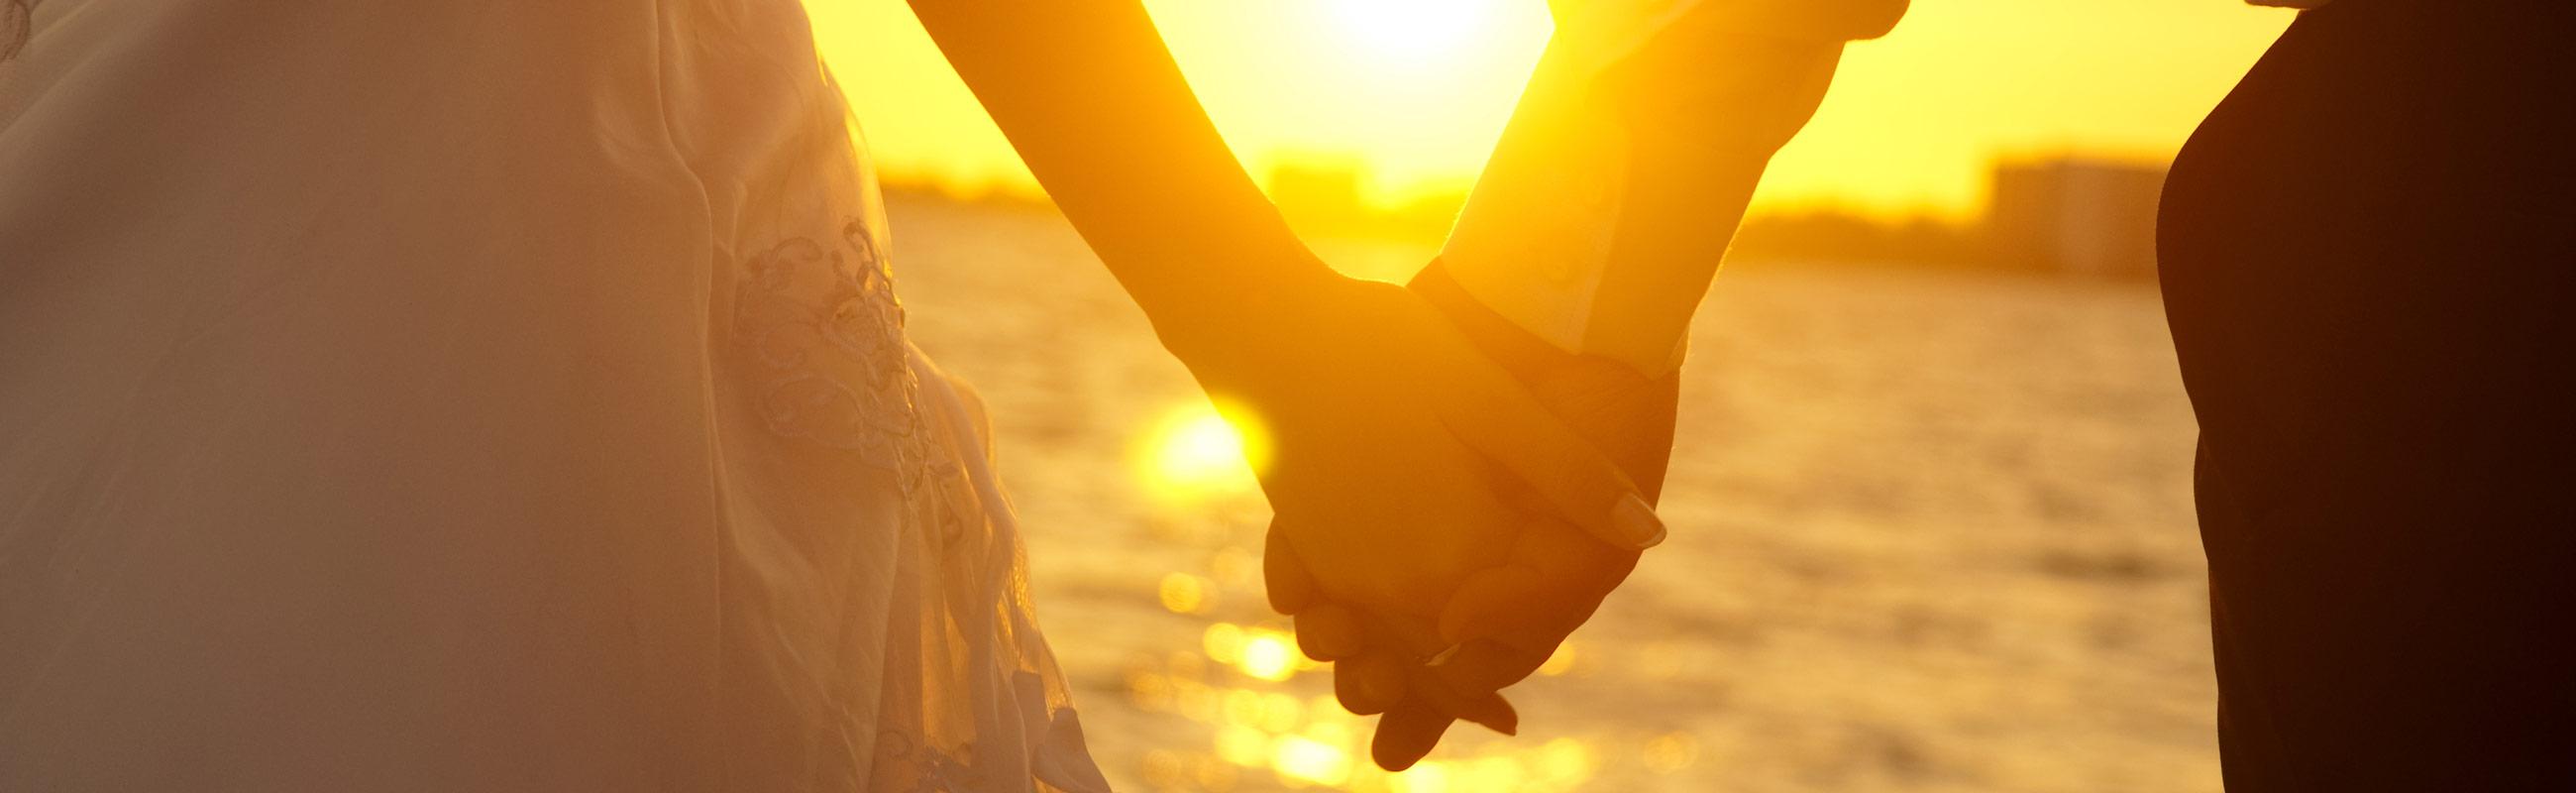 bride groom holding hands in front of the ocean